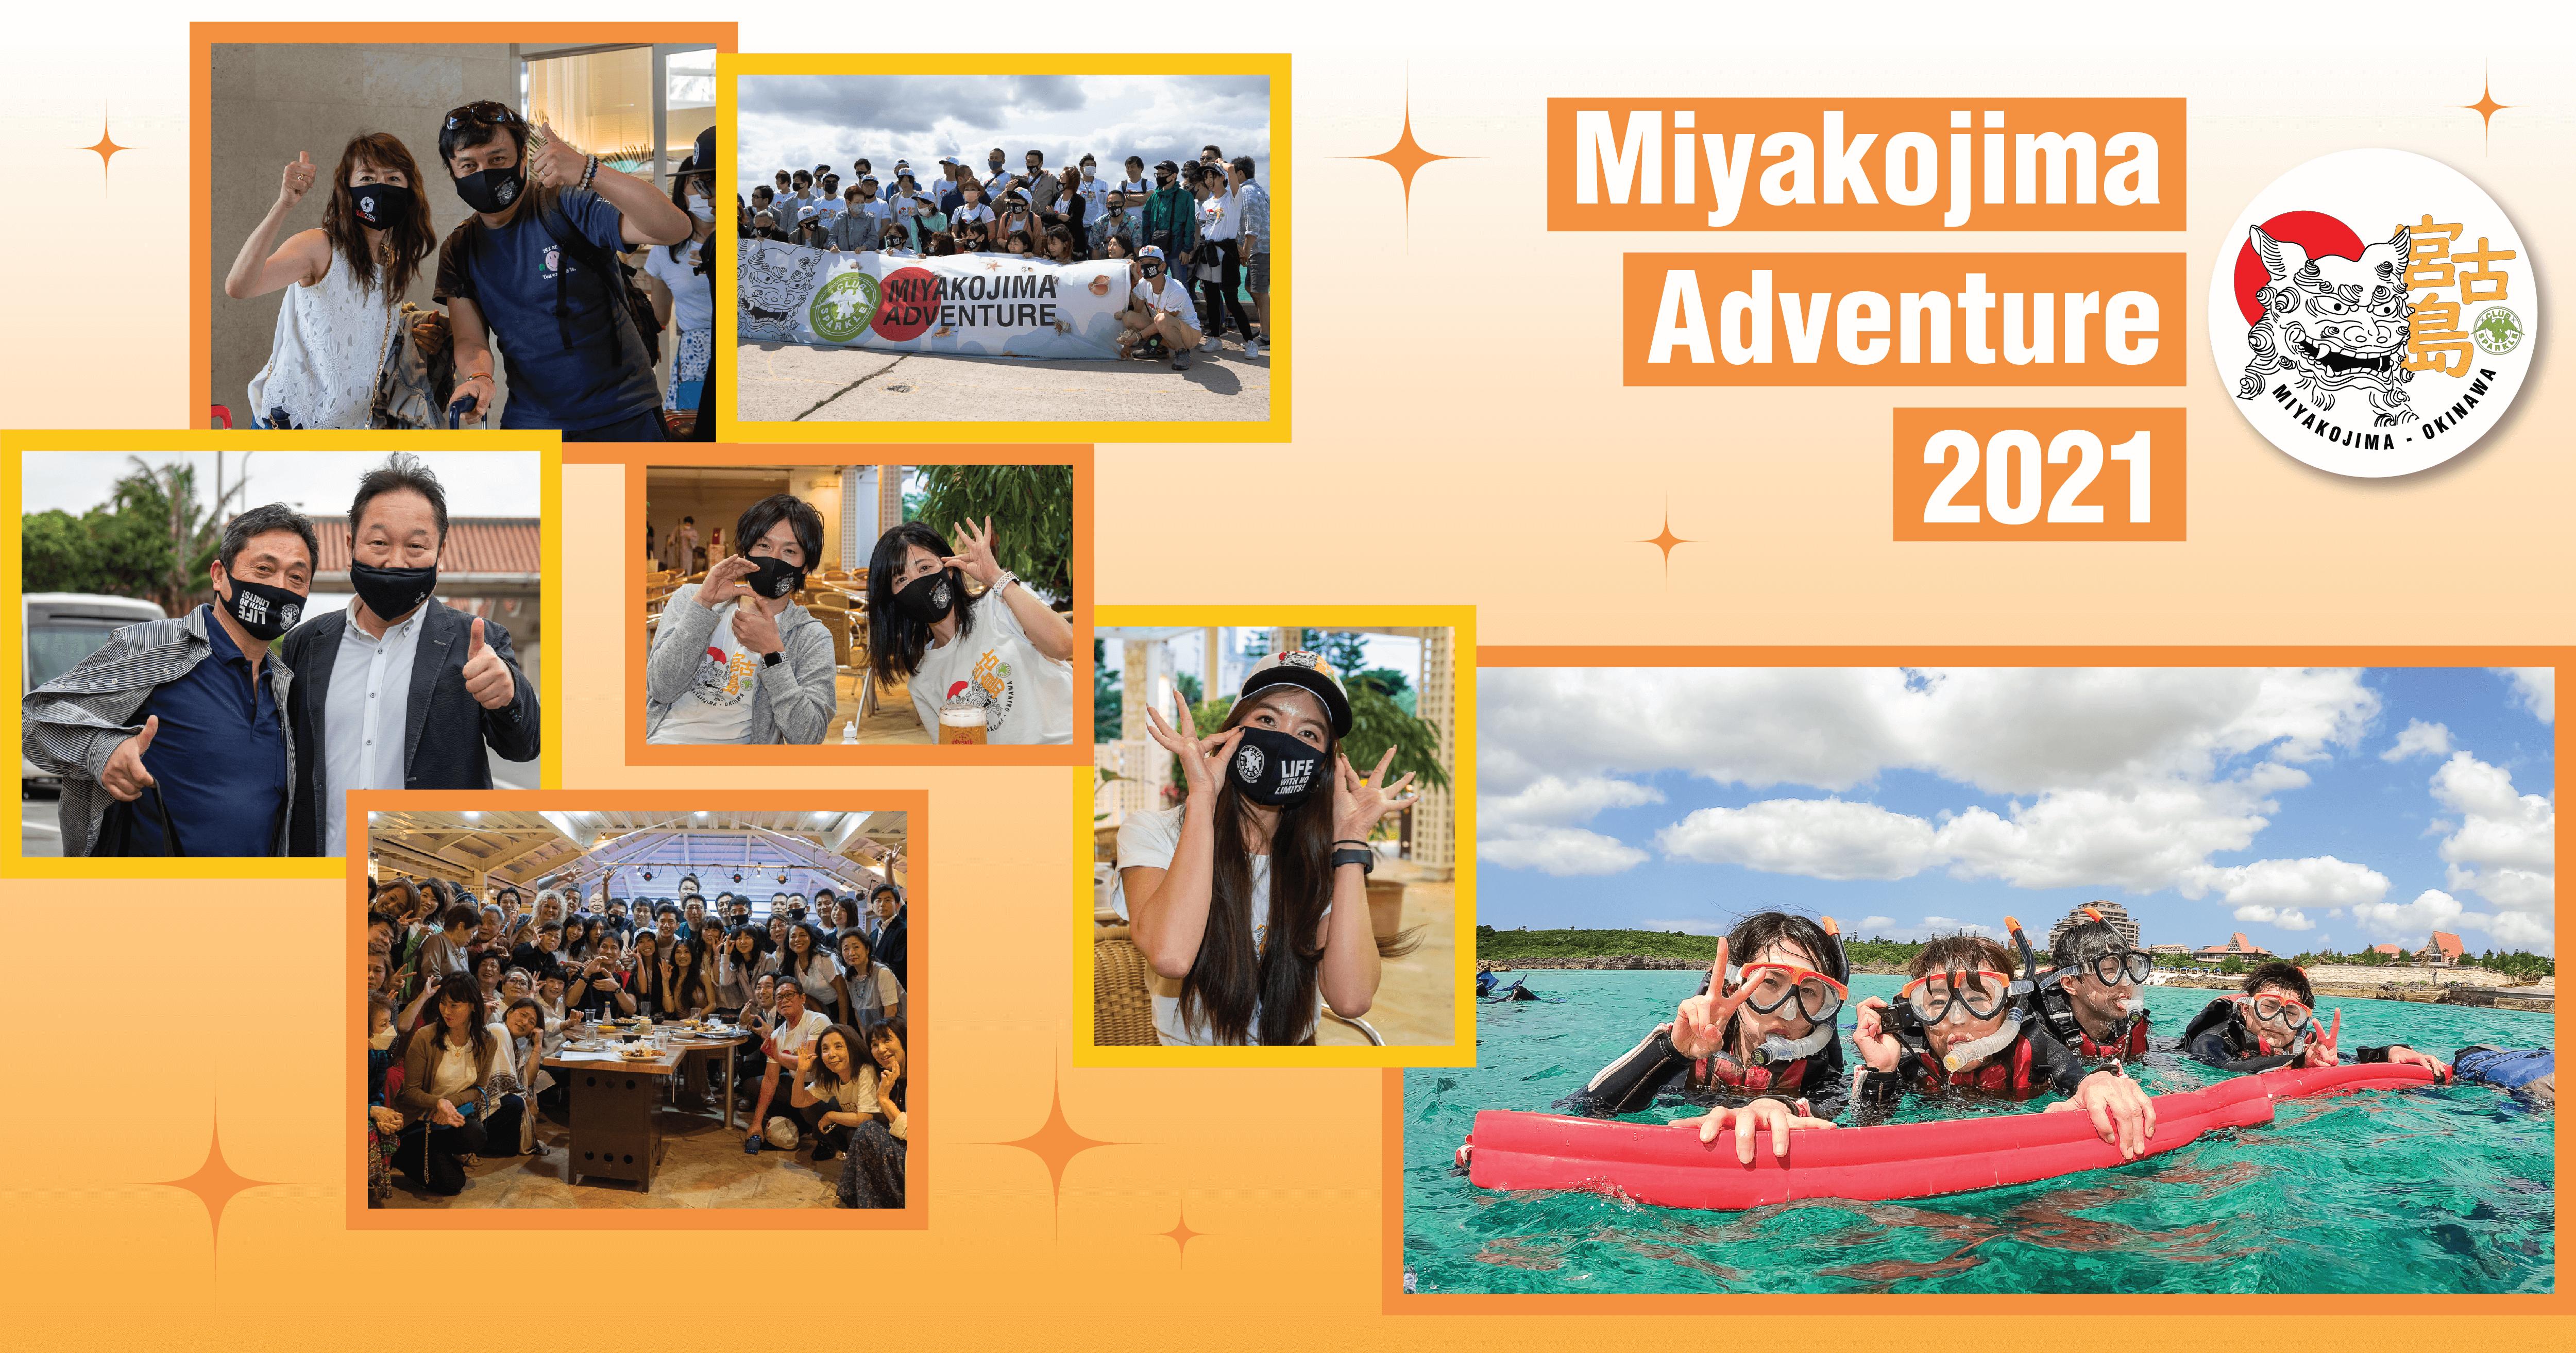 Miyakojima Adventure 2021